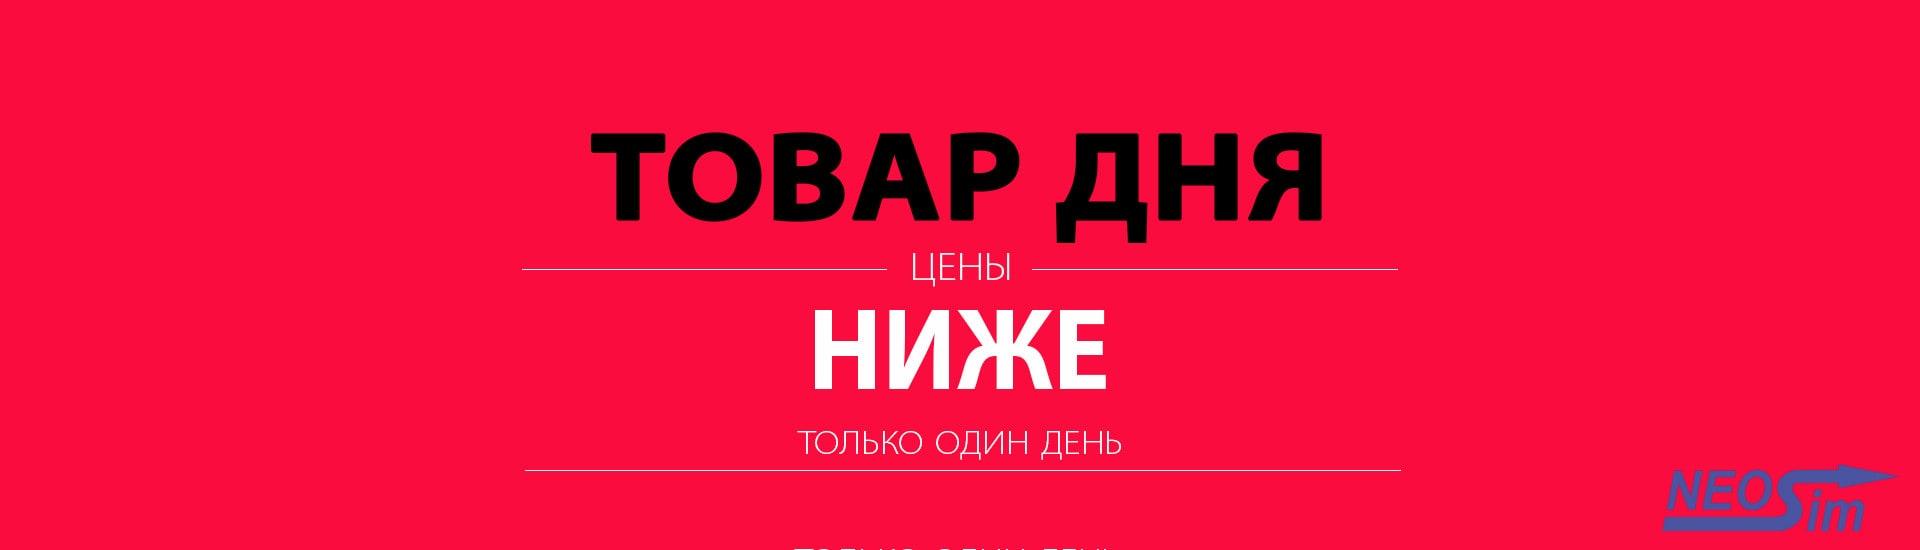 Товар дня в магазине NeoSim.ru новые скидки каждый день